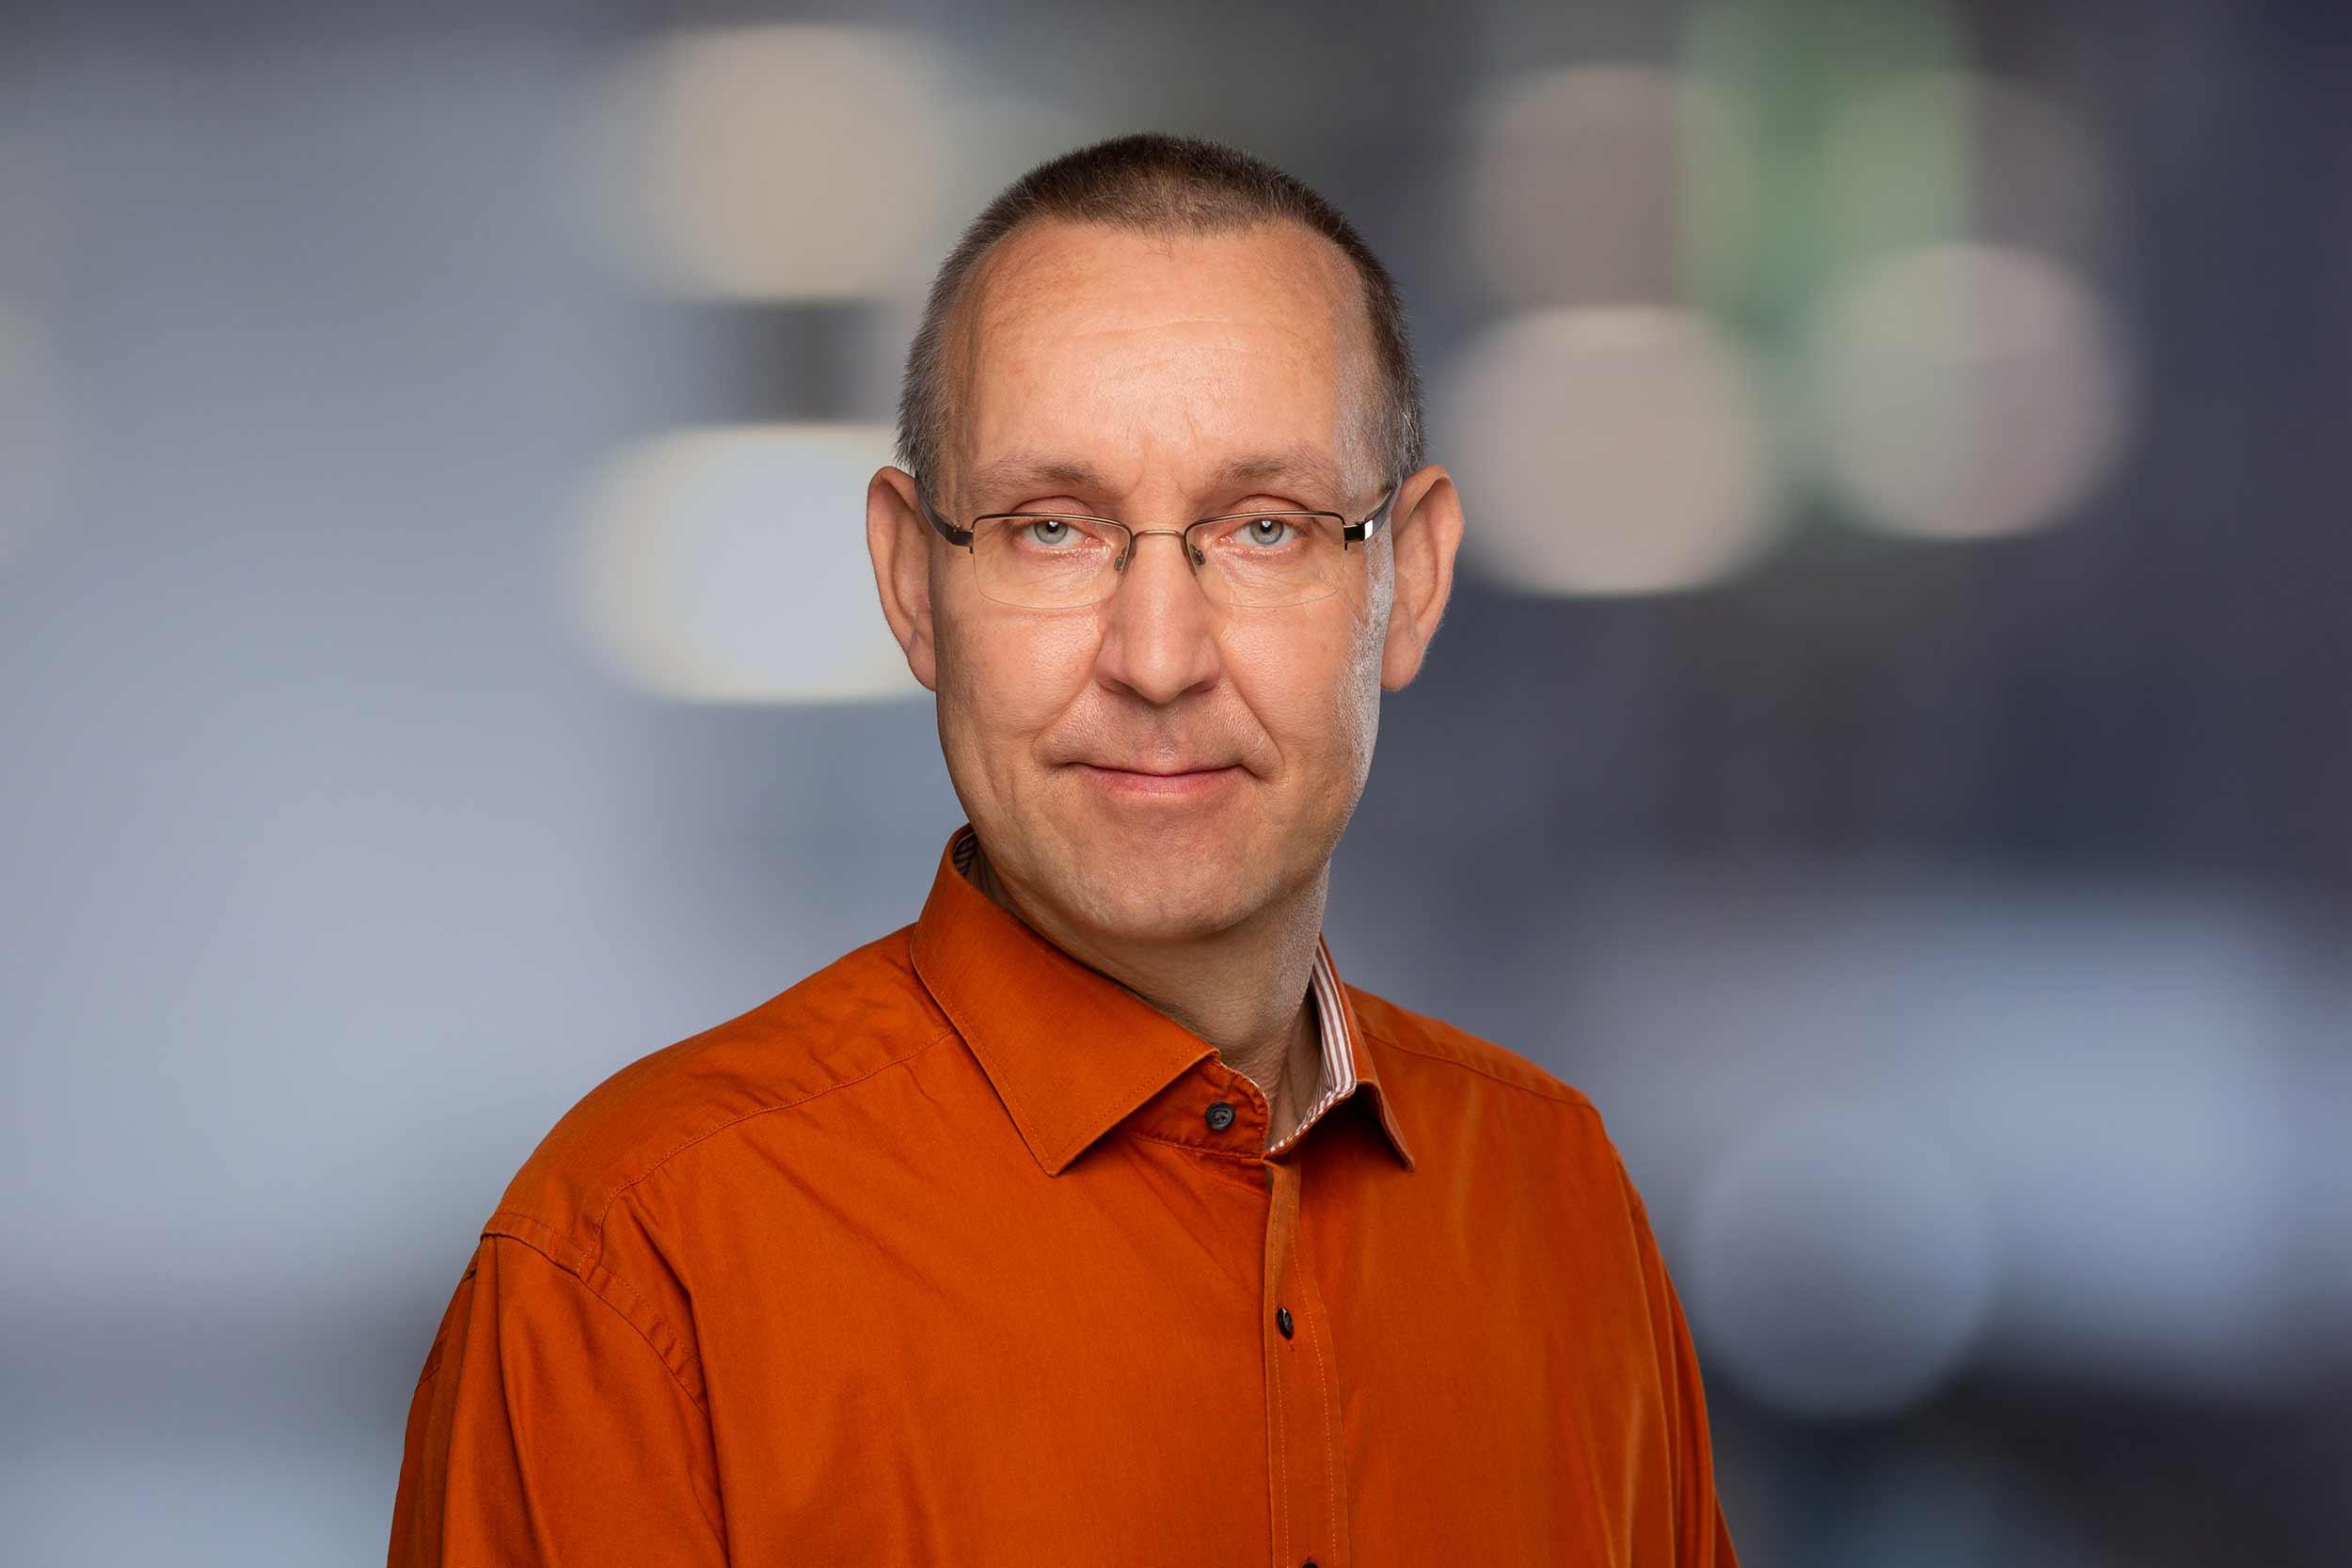 Foto von Carsten Sauerbier Diplomingenieur Maschinenbau